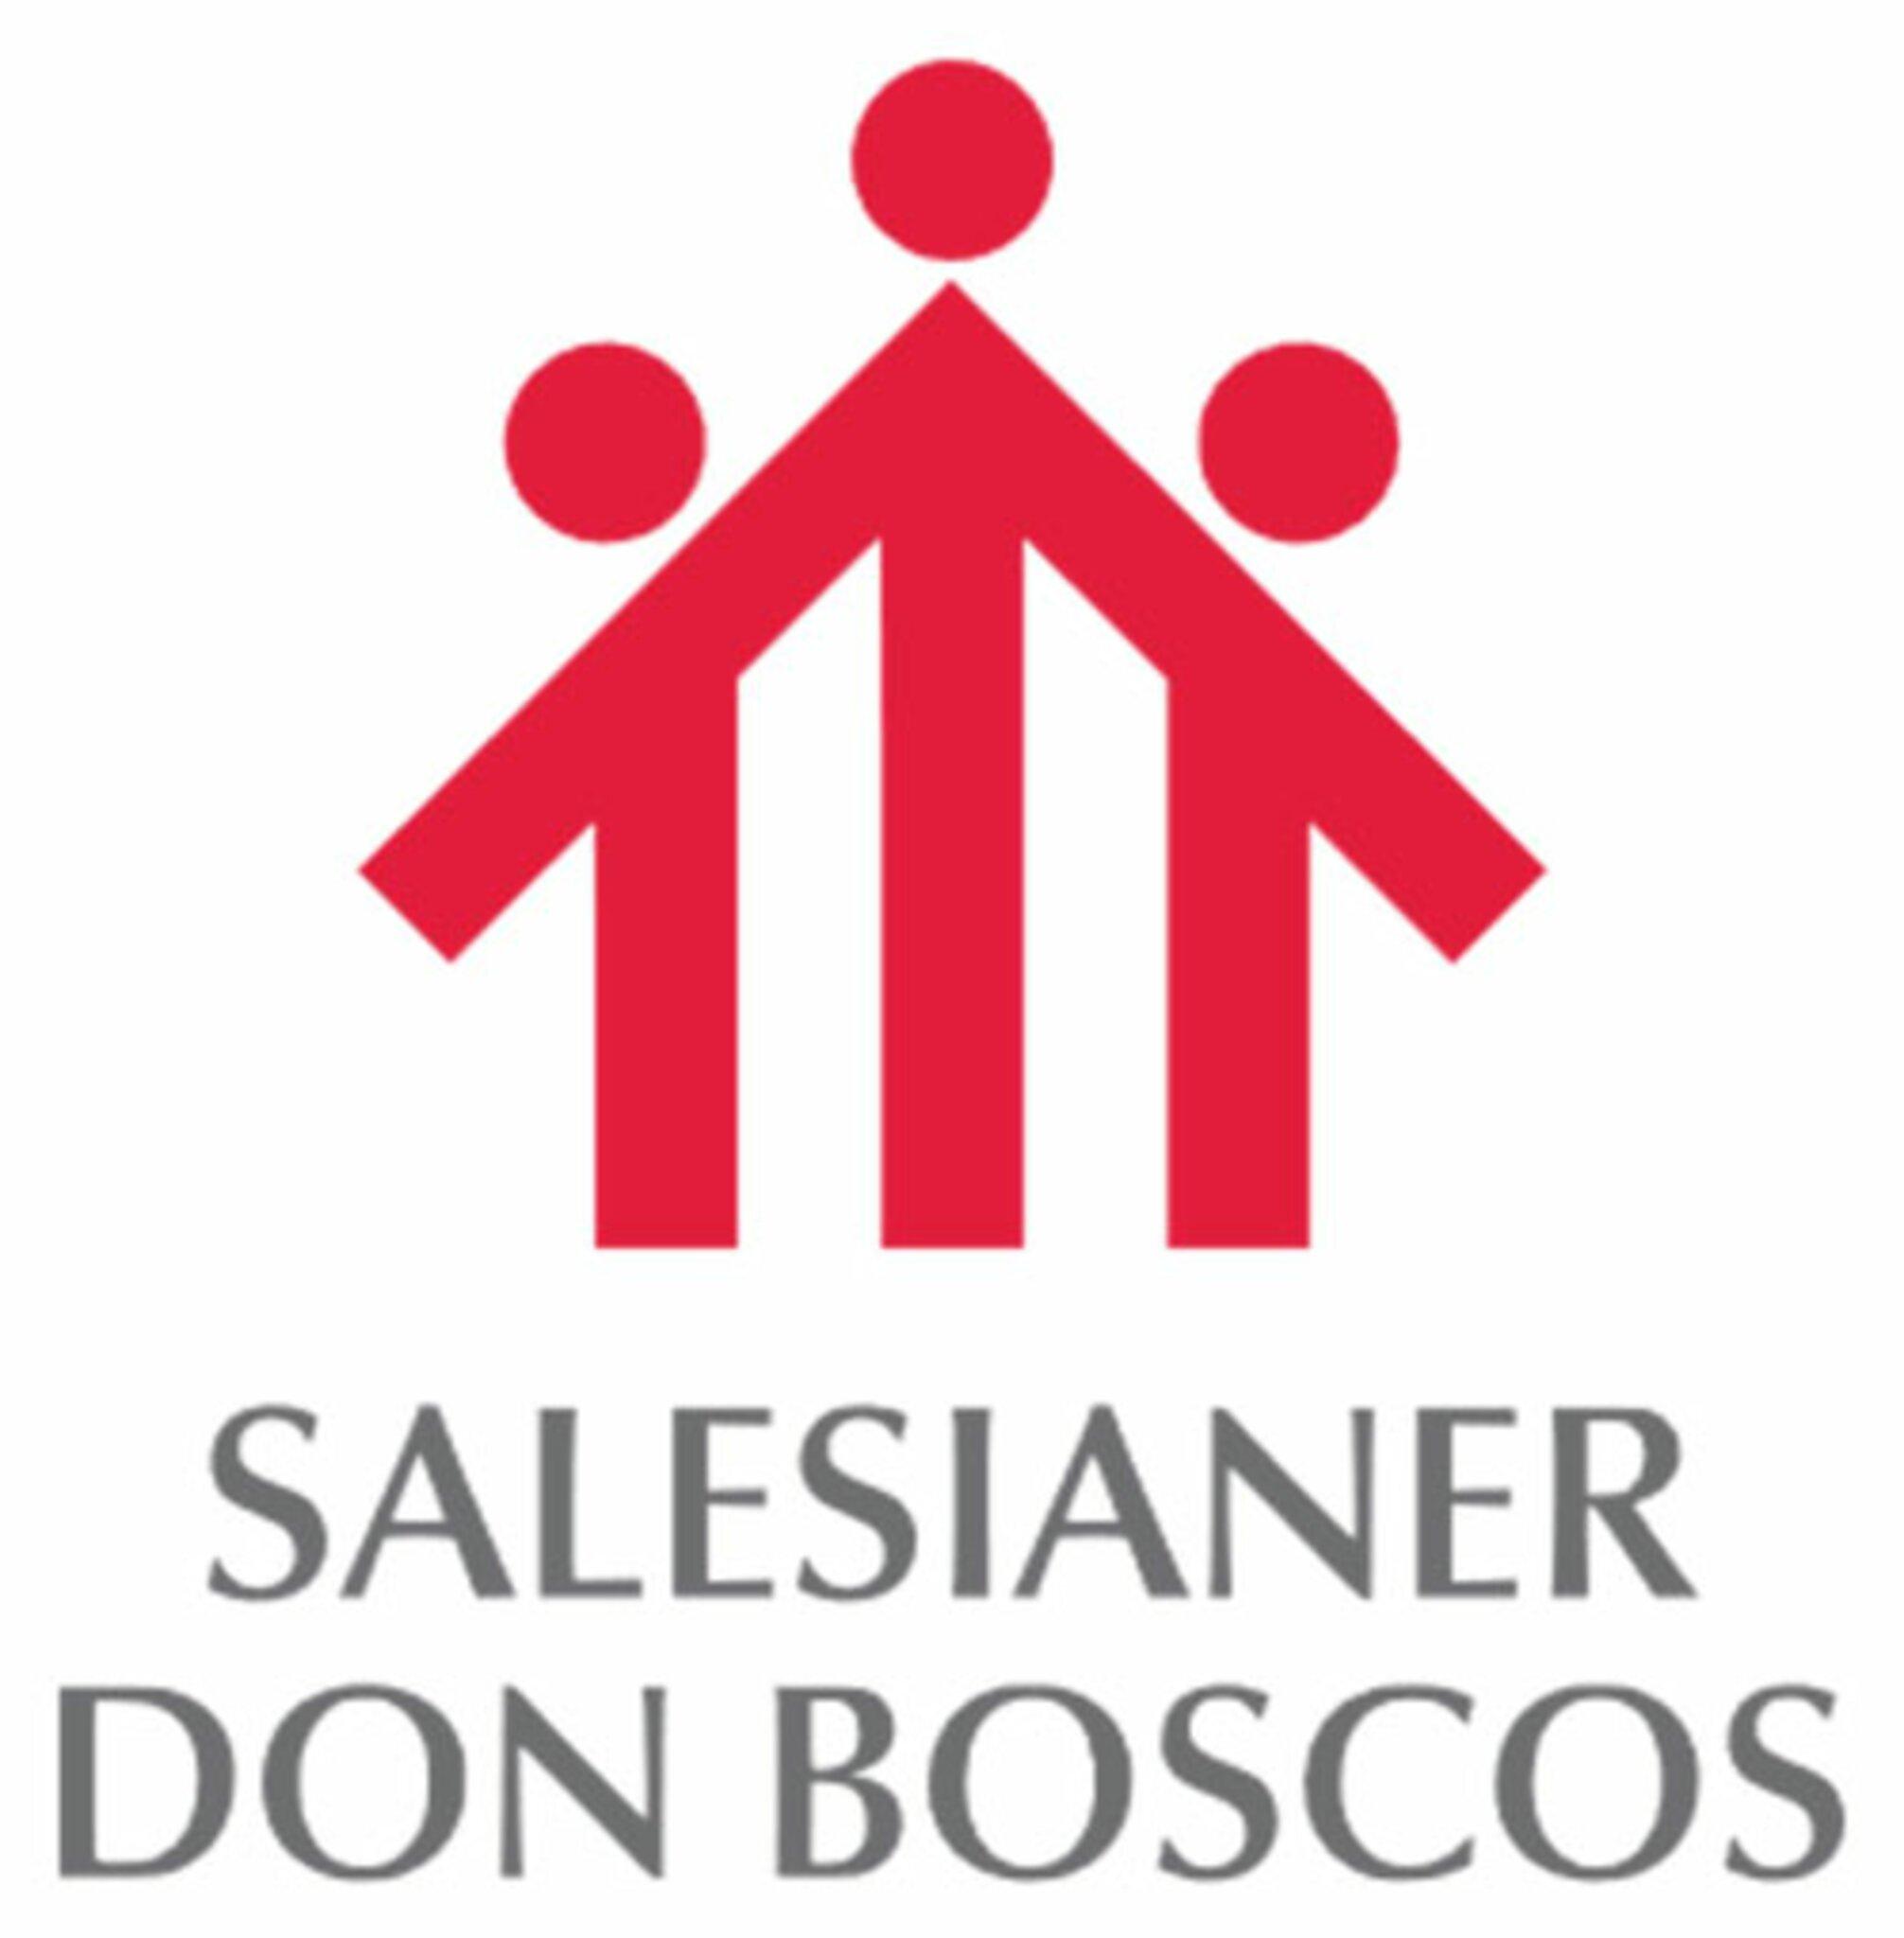 Leben im Geiste Don Boscos